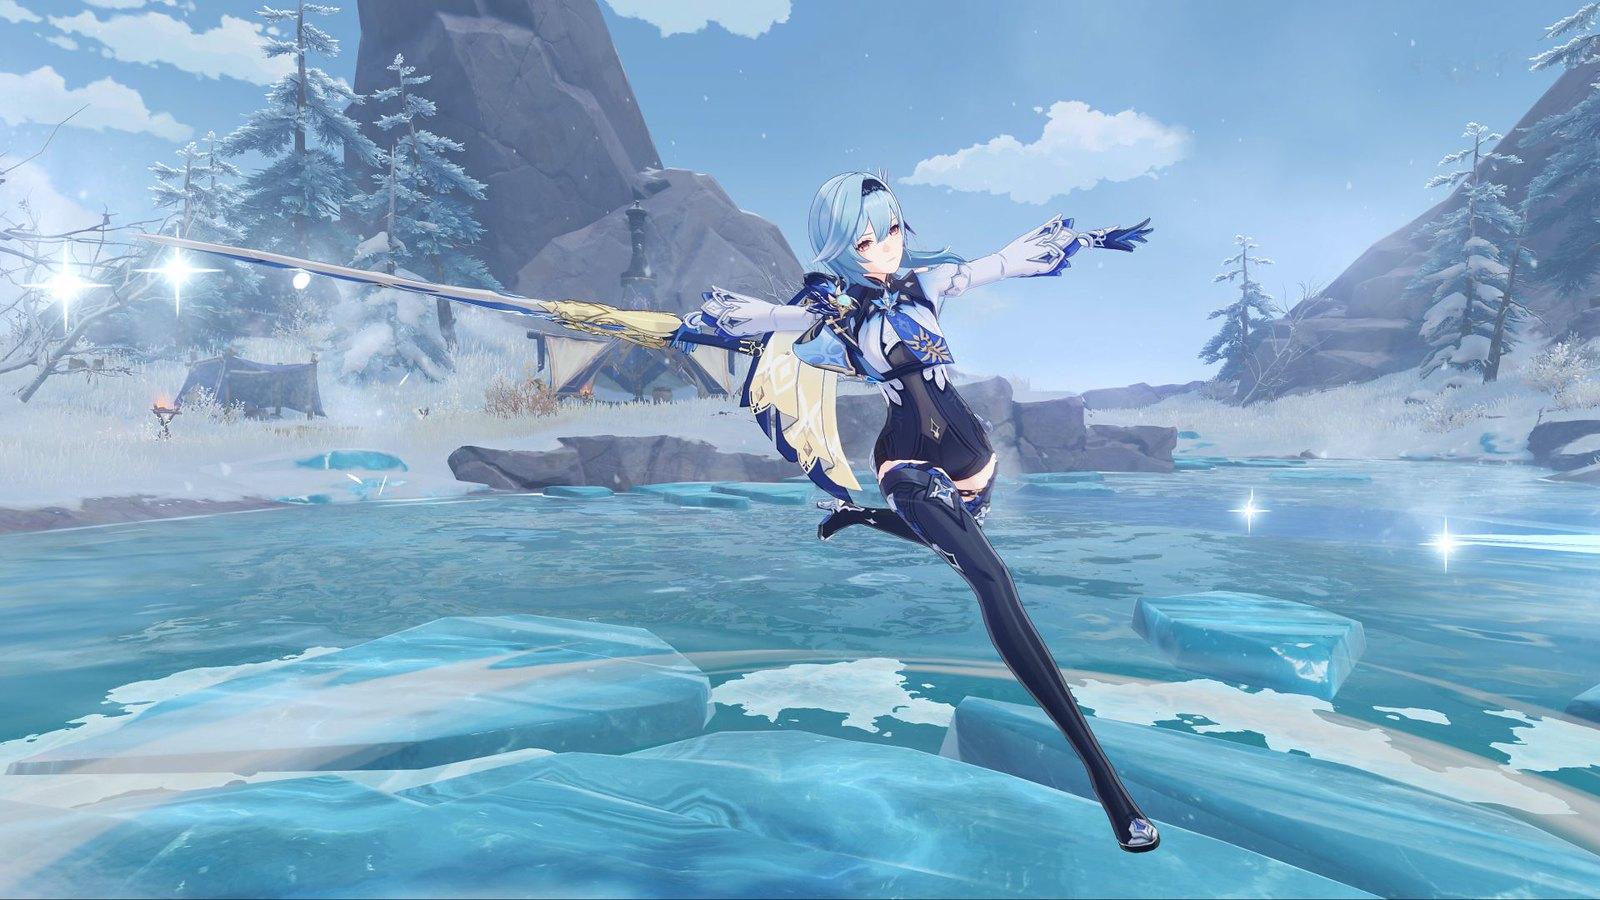 Genshin Impact update 1.5